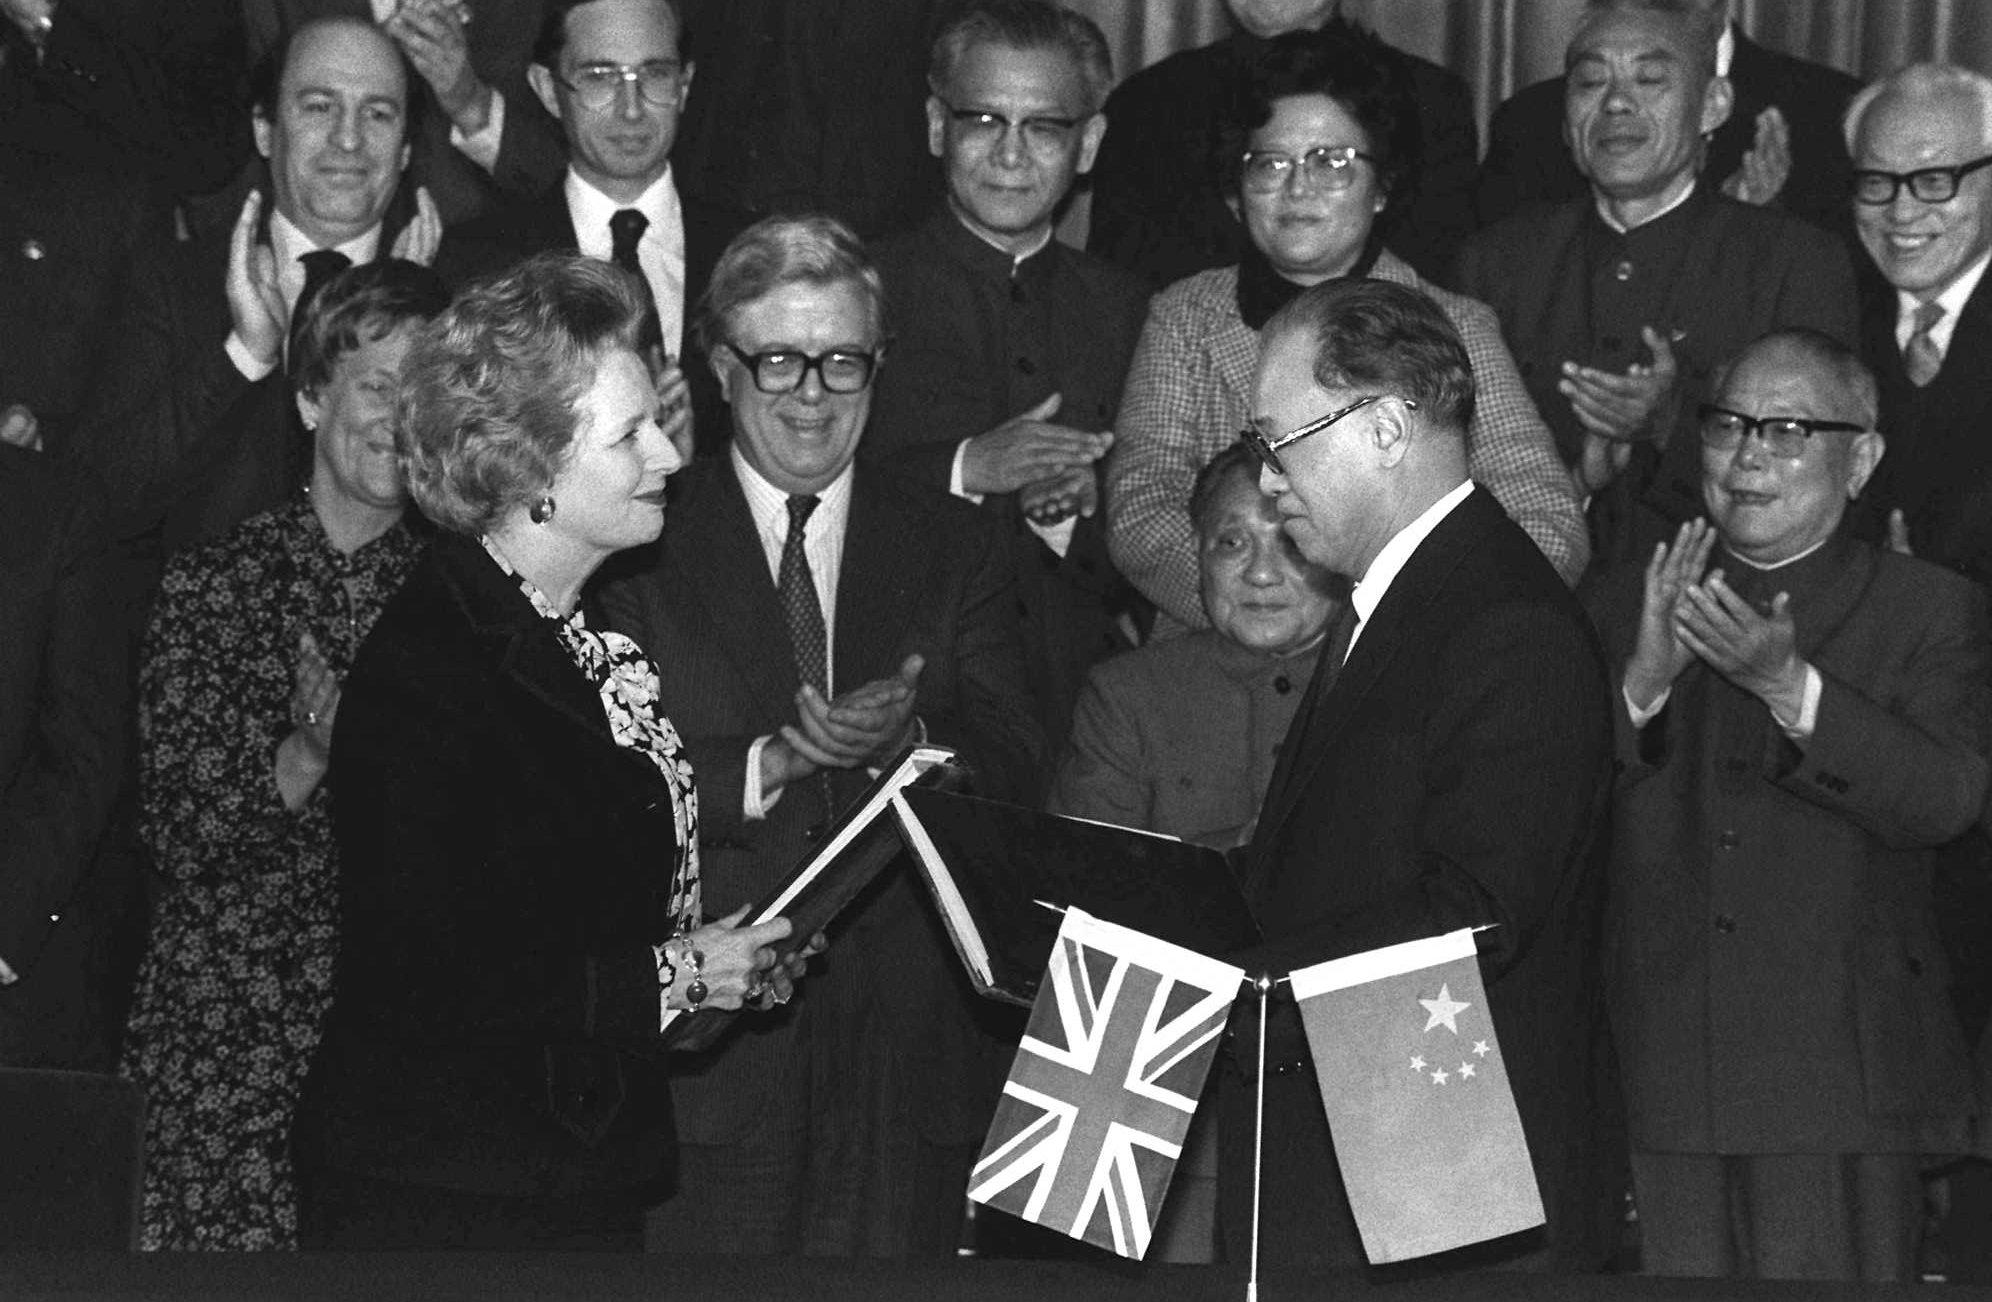 1984年12月19日,中國國務院總理趙紫陽(右)、英國首相柴契爾夫人(左)代表雙方在北京簽署「中英香港問題聯合聲明」。(美聯社)